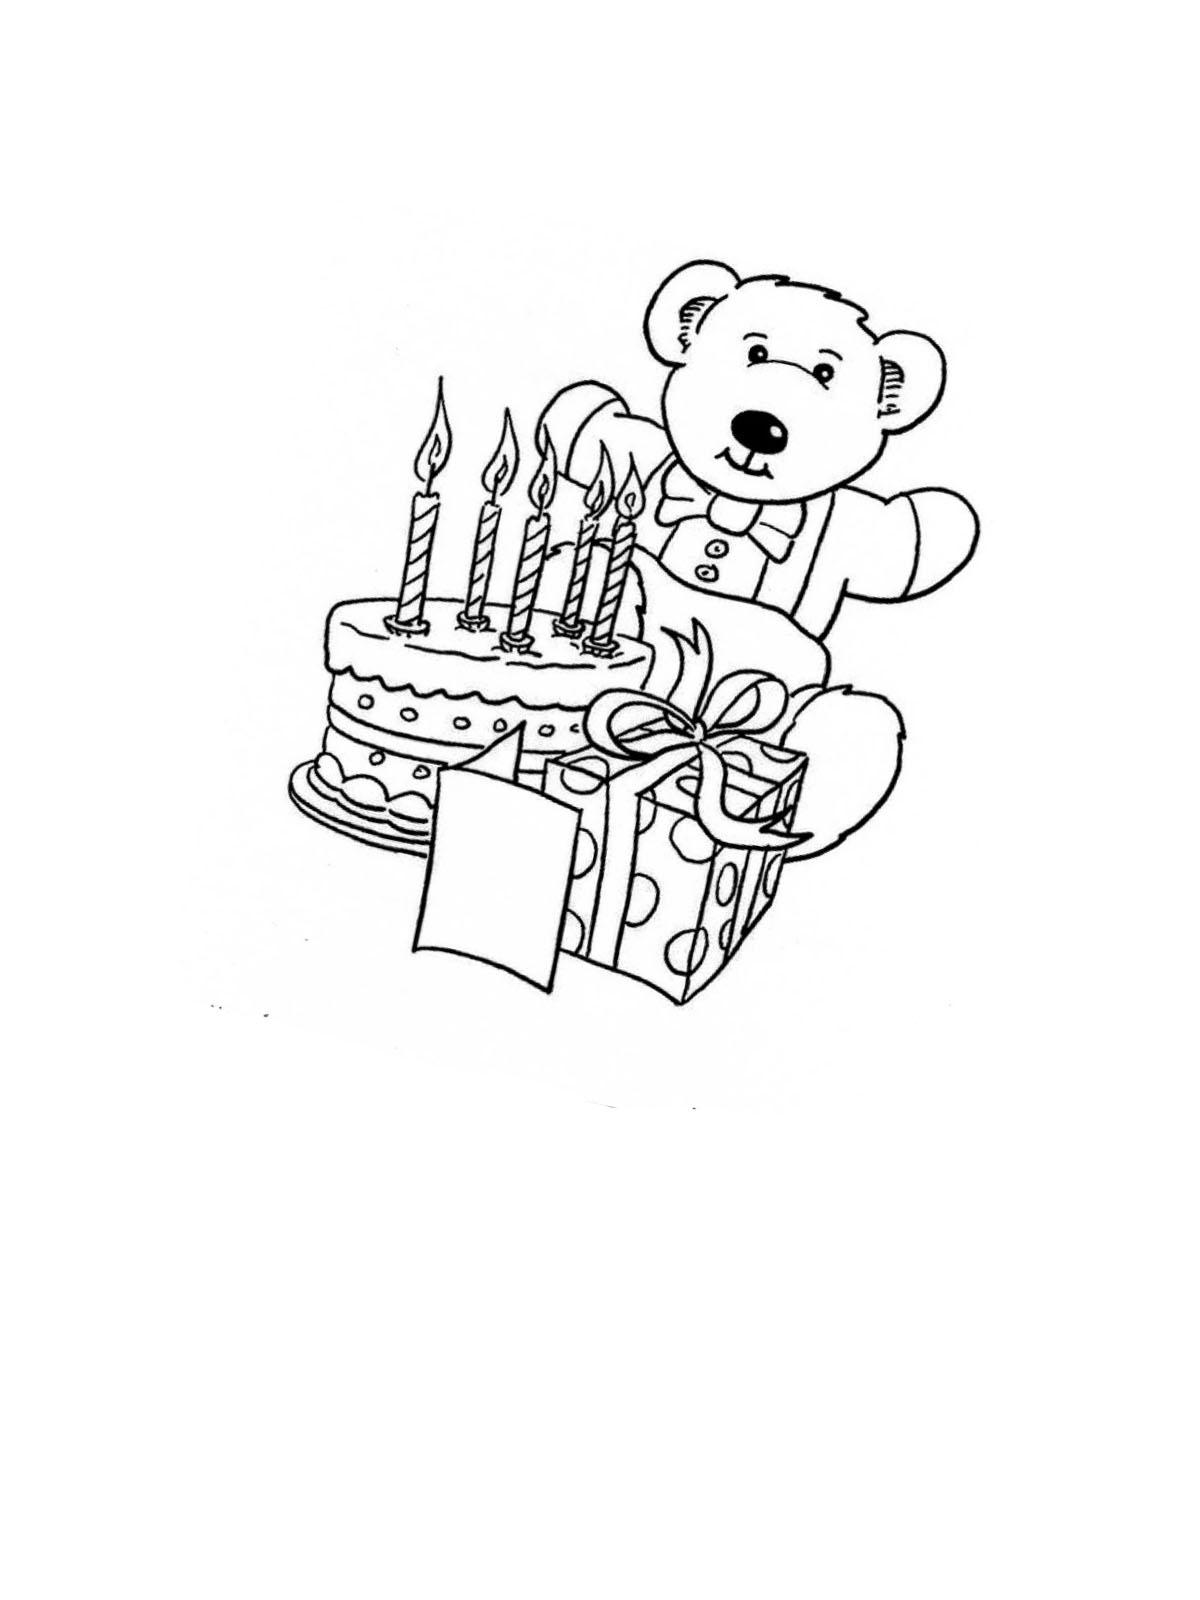 Ausmalbilder Geburtstag 12 ~ Ausmalbilder Webpage = Ausmalbilder ...